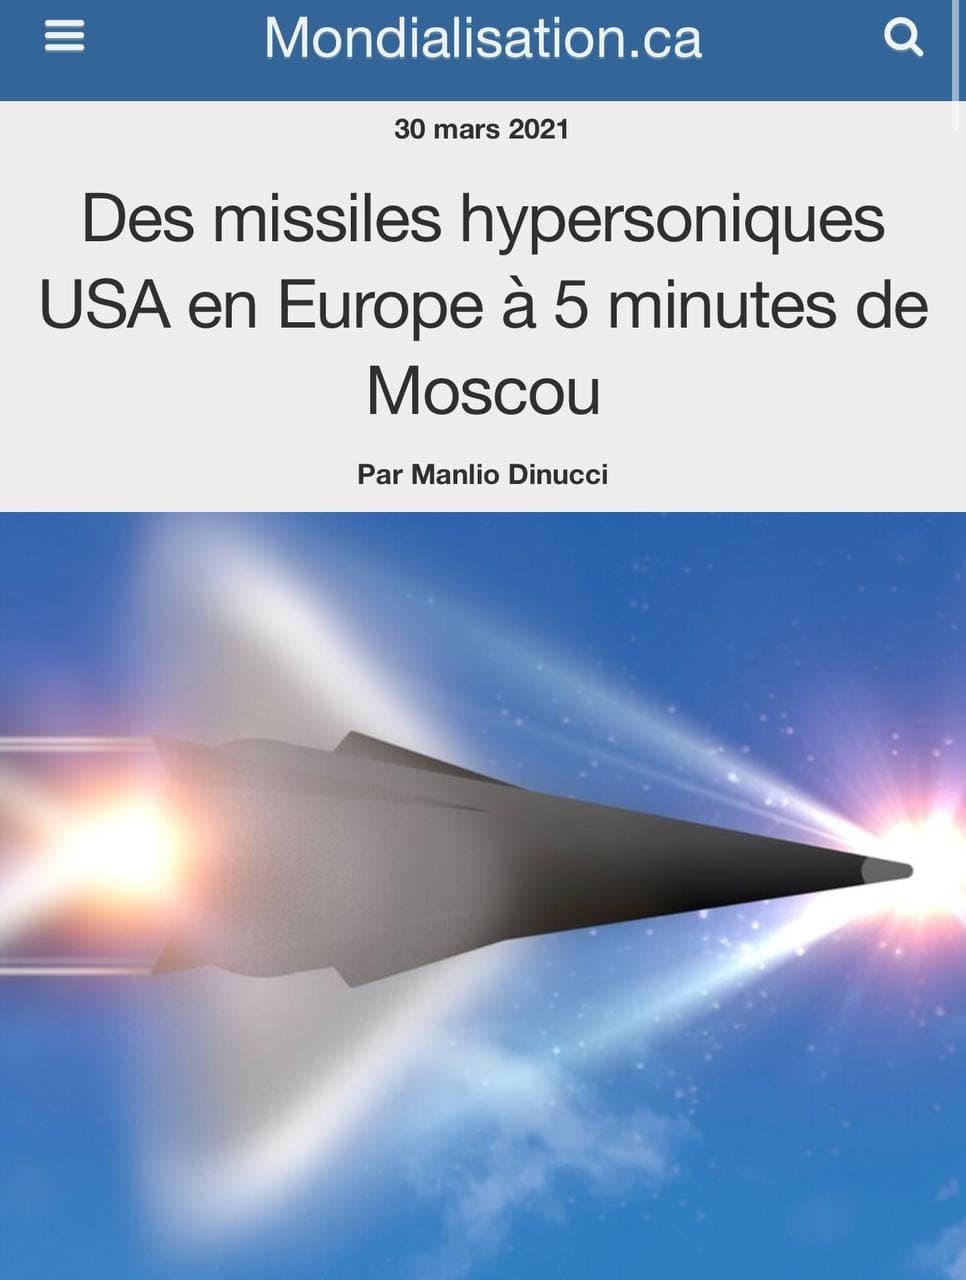 Les missiles hypersoniques des Etats-Unis face à la menace russe